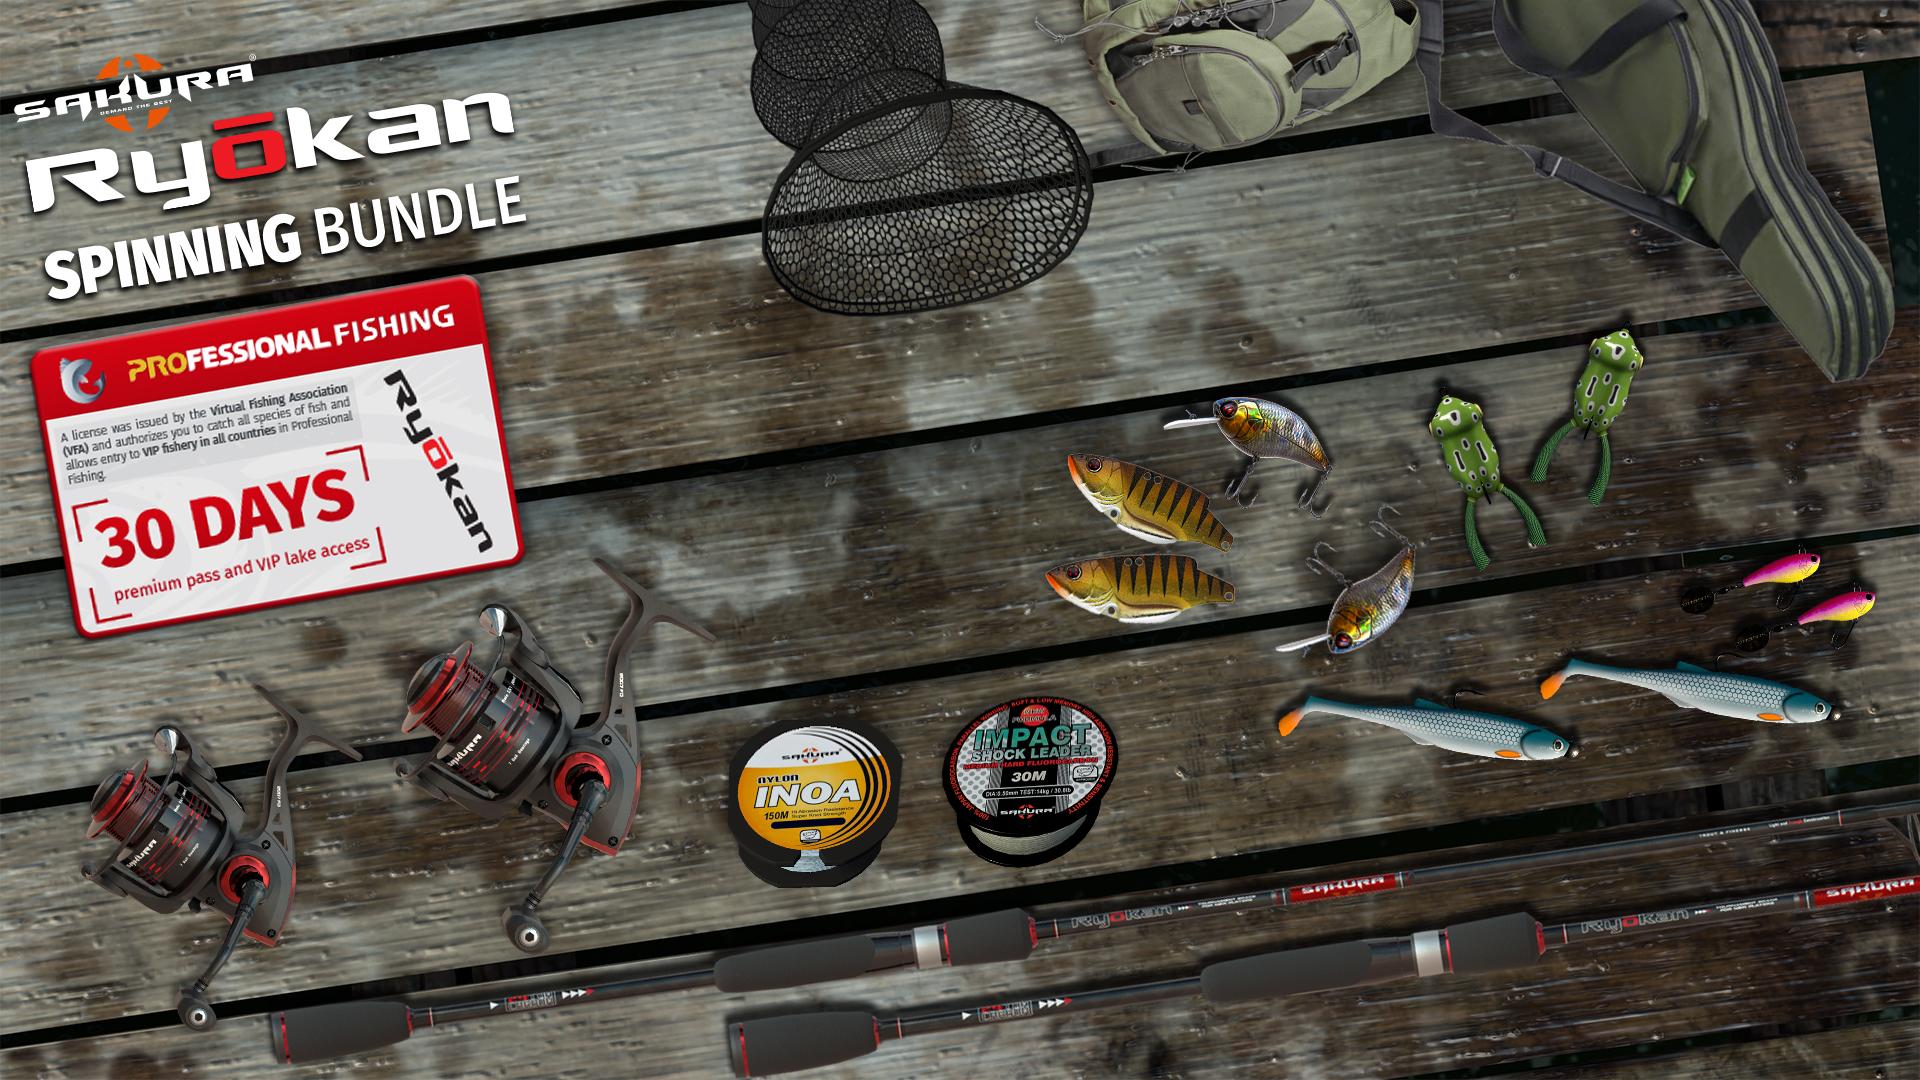 com.steam.937791-screenshot